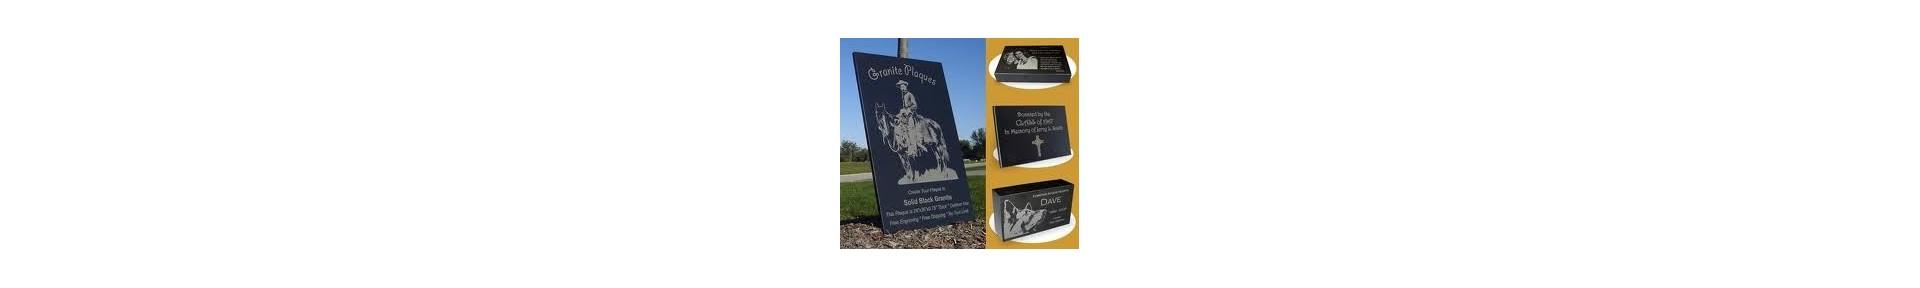 Engraved Granite Plaques, Granite Signs, Granite Markers, Granite Memo